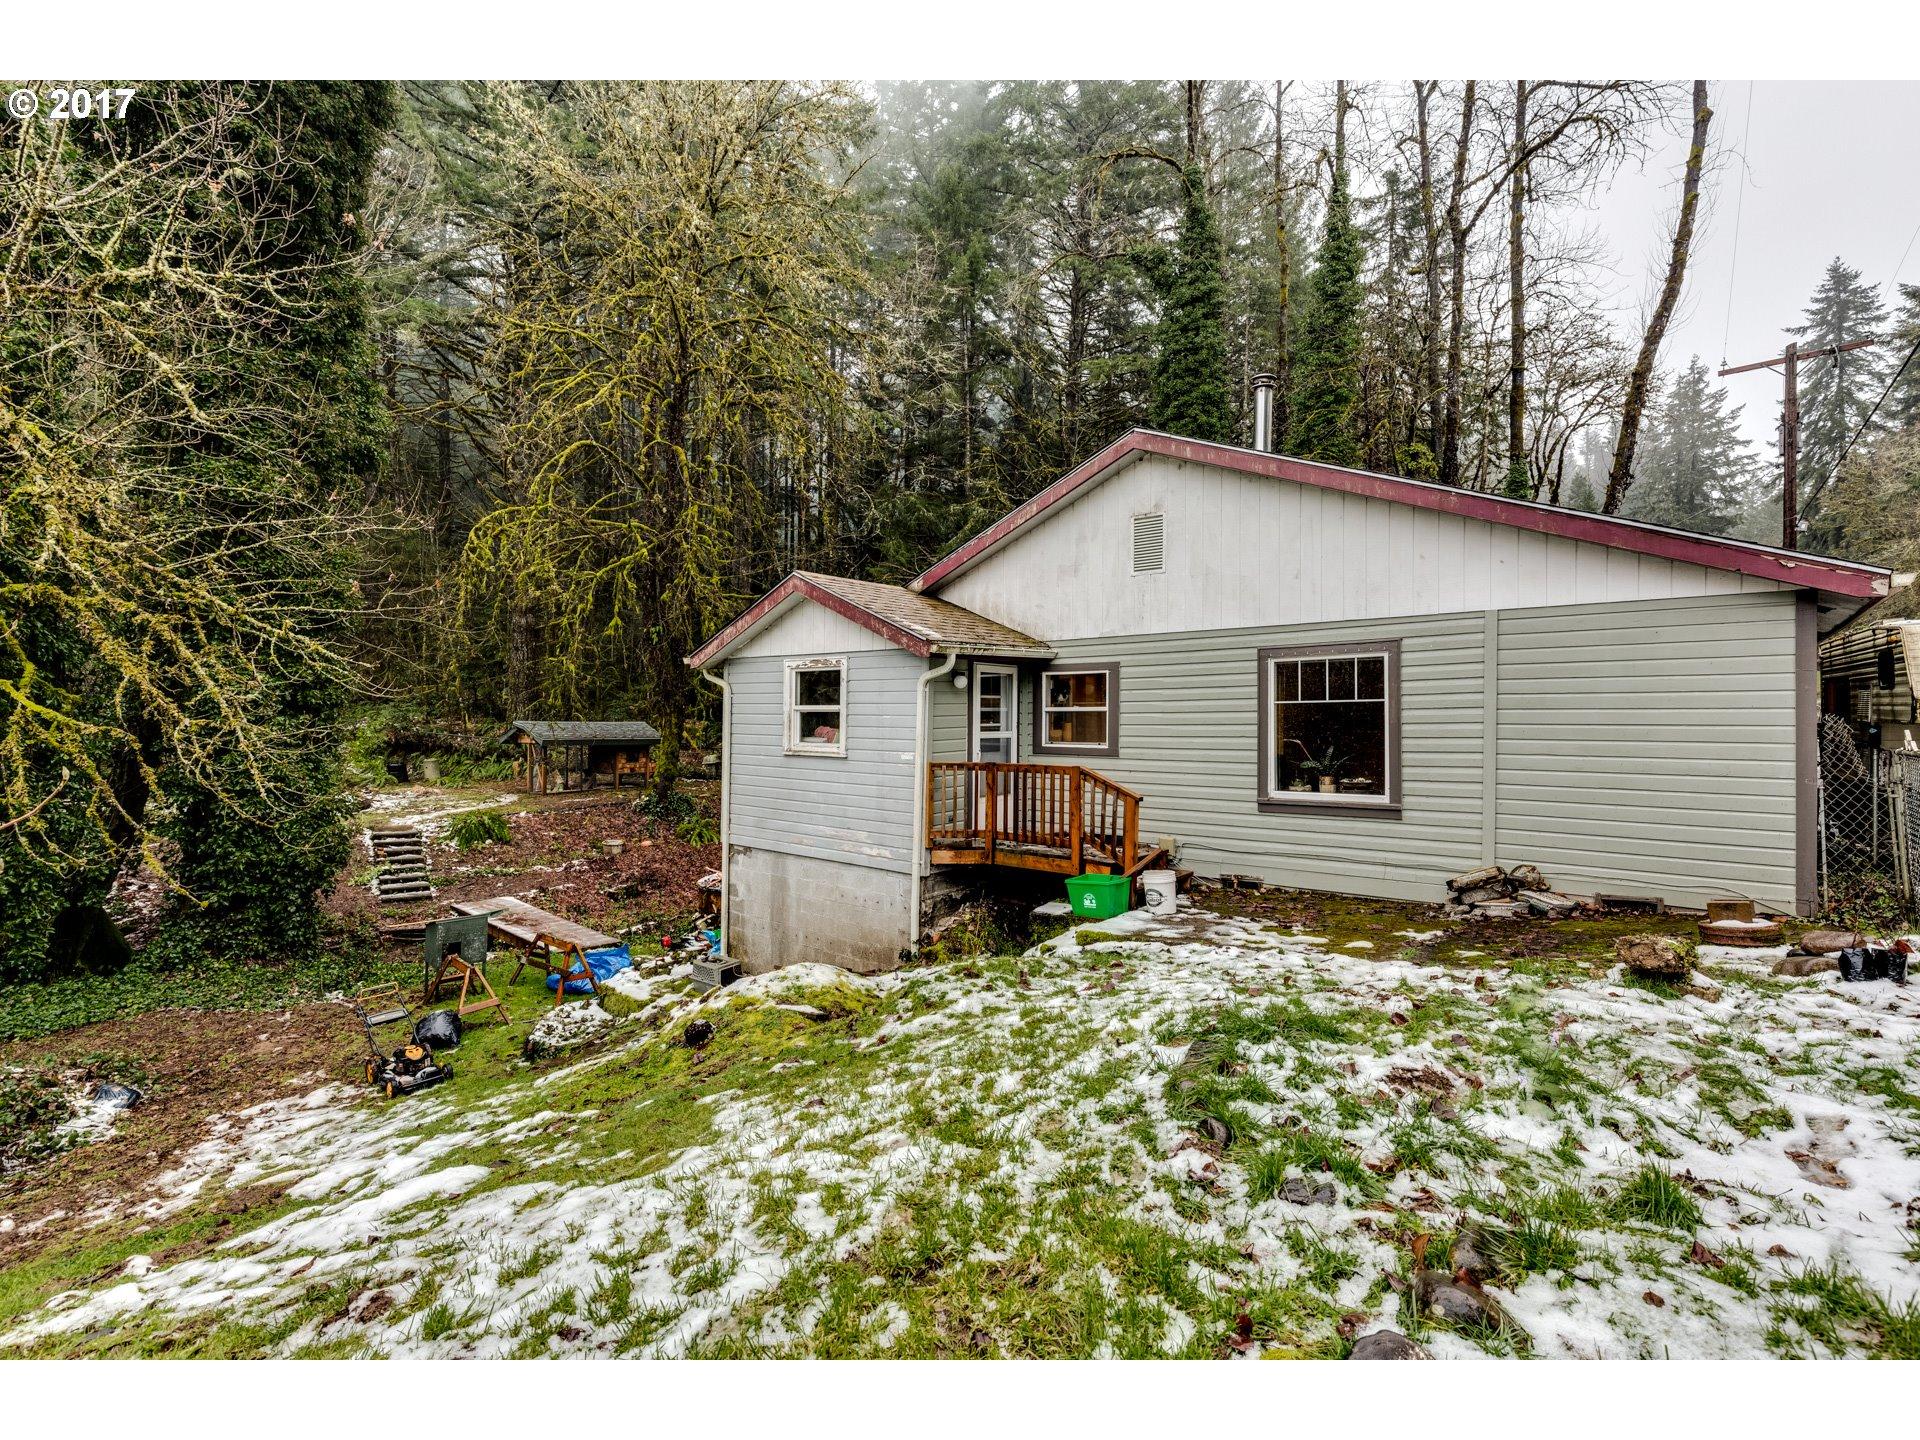 78515 Halderman RD, Cottage Grove, OR 97424